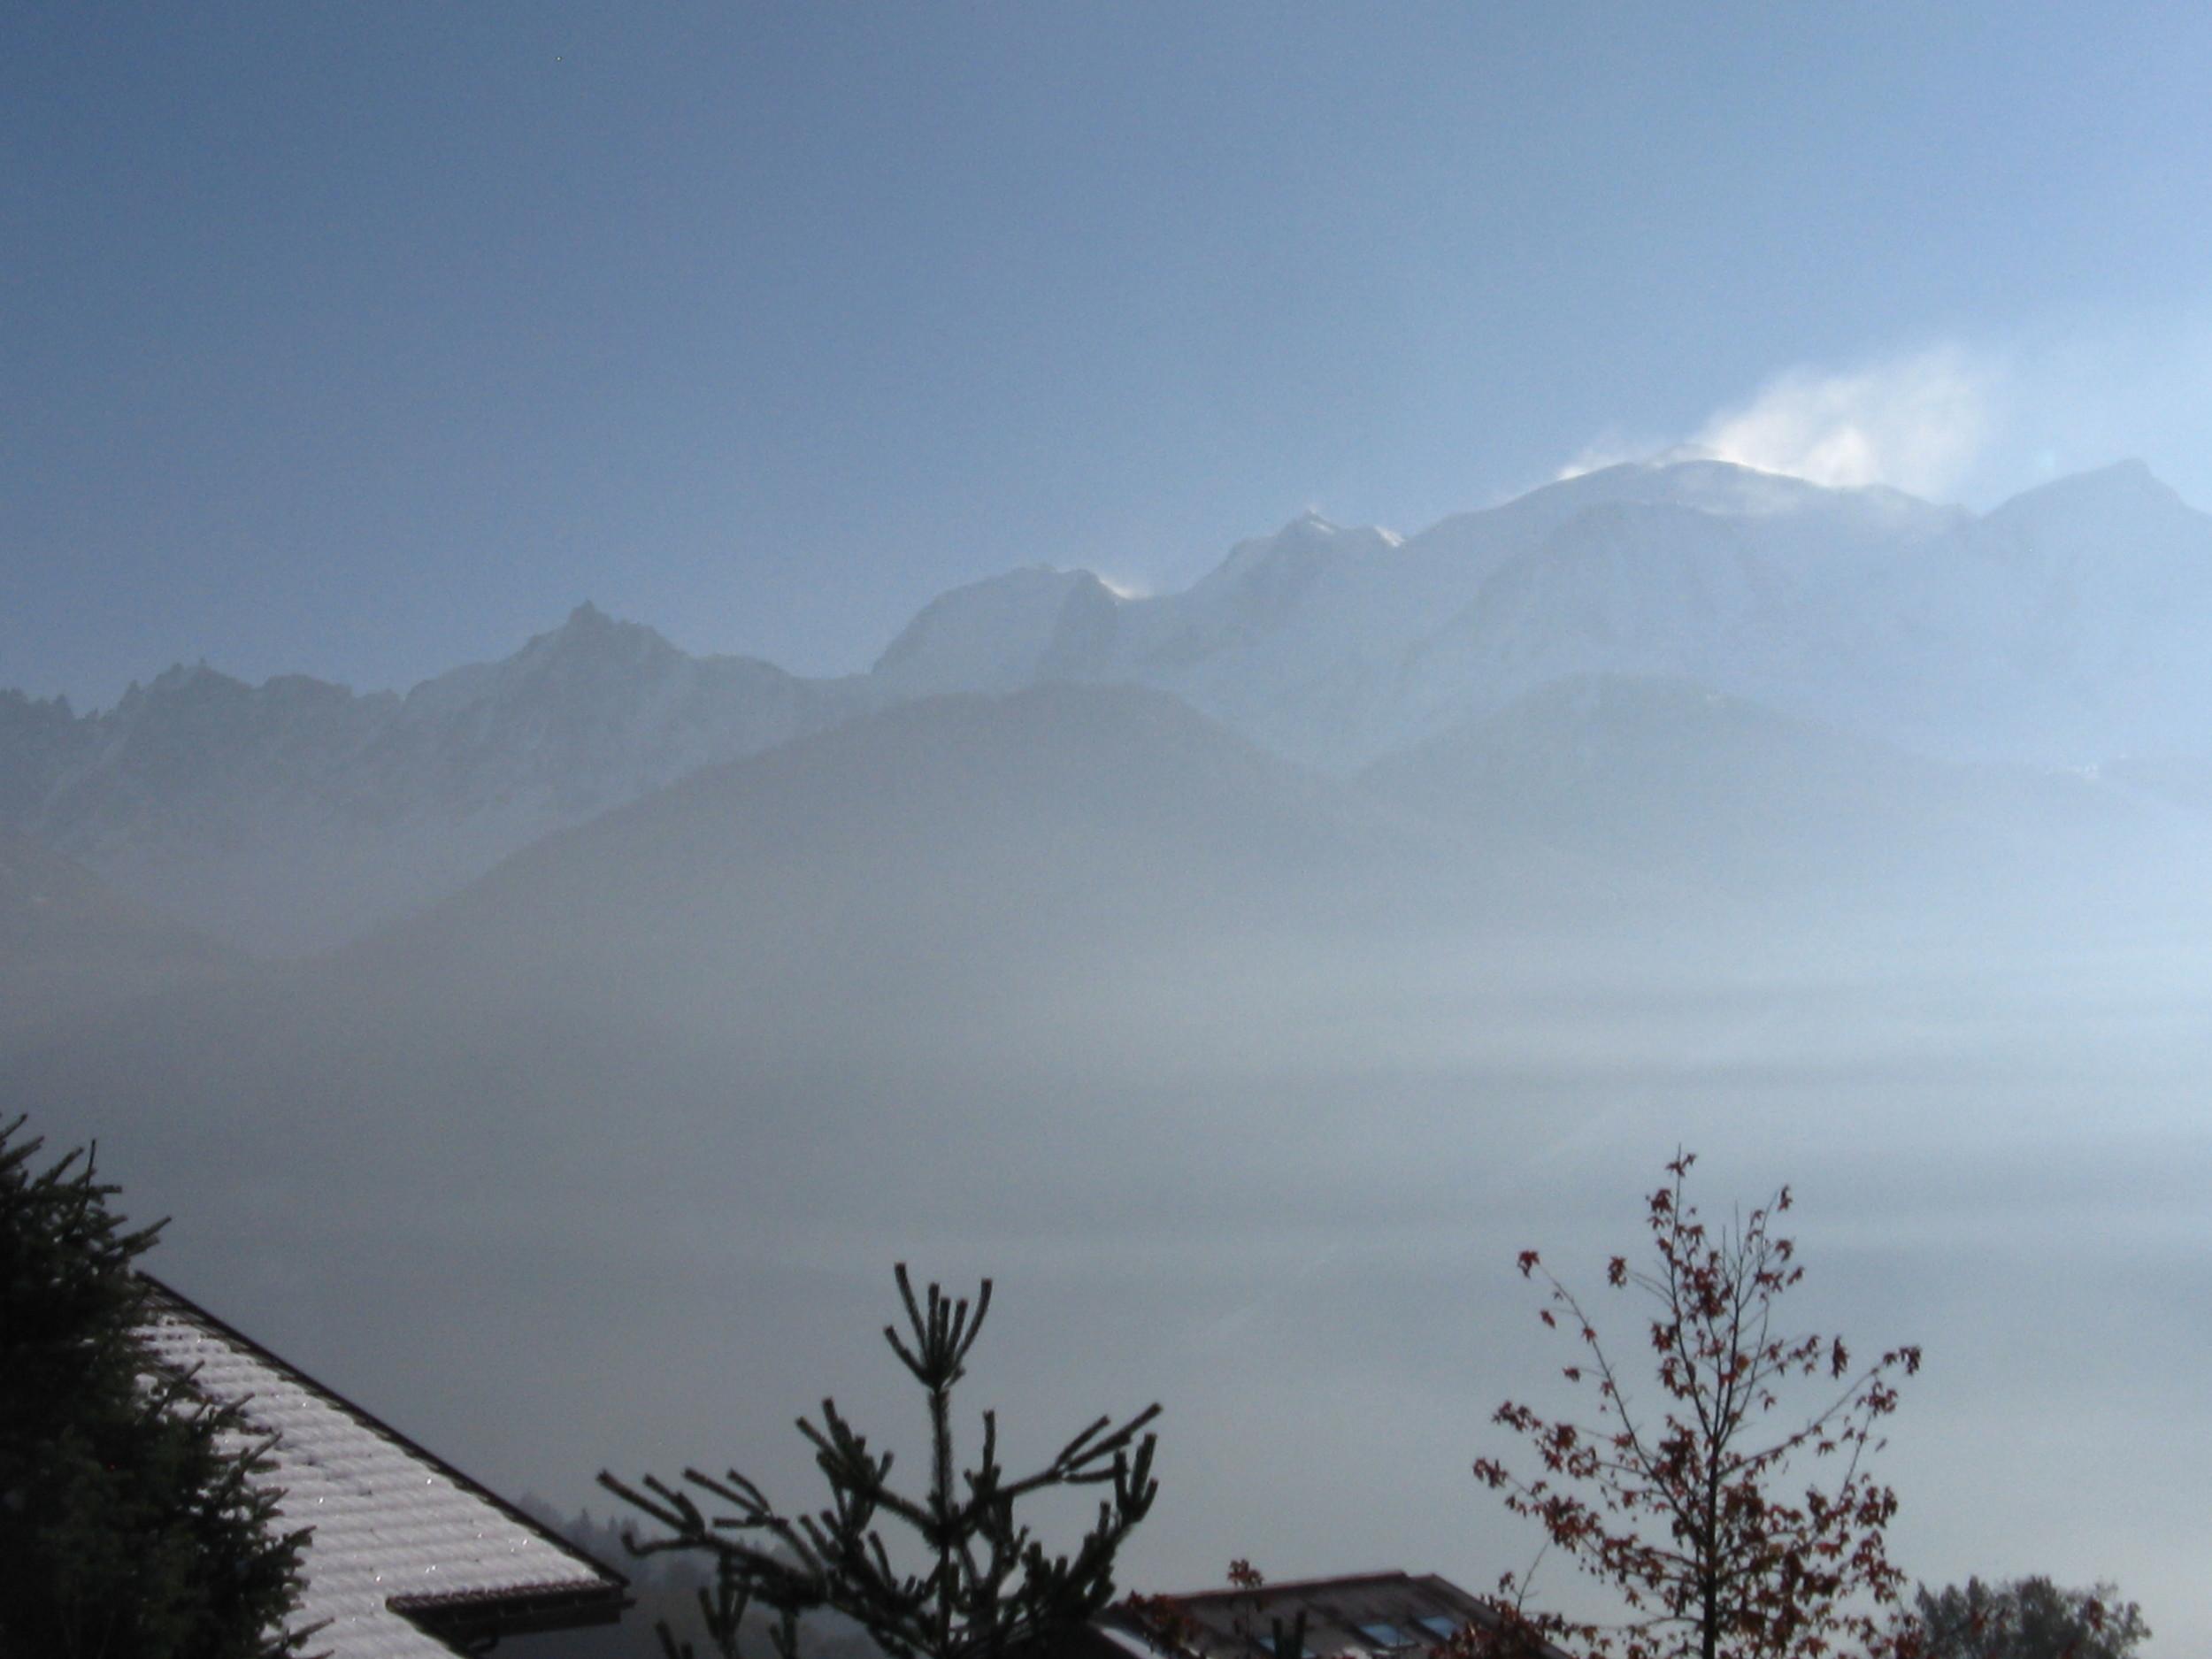 28.11.2013 niveau d'inversion des températures élevé, tout le pays du Mont-Blanc baigne dans la couche de pollution